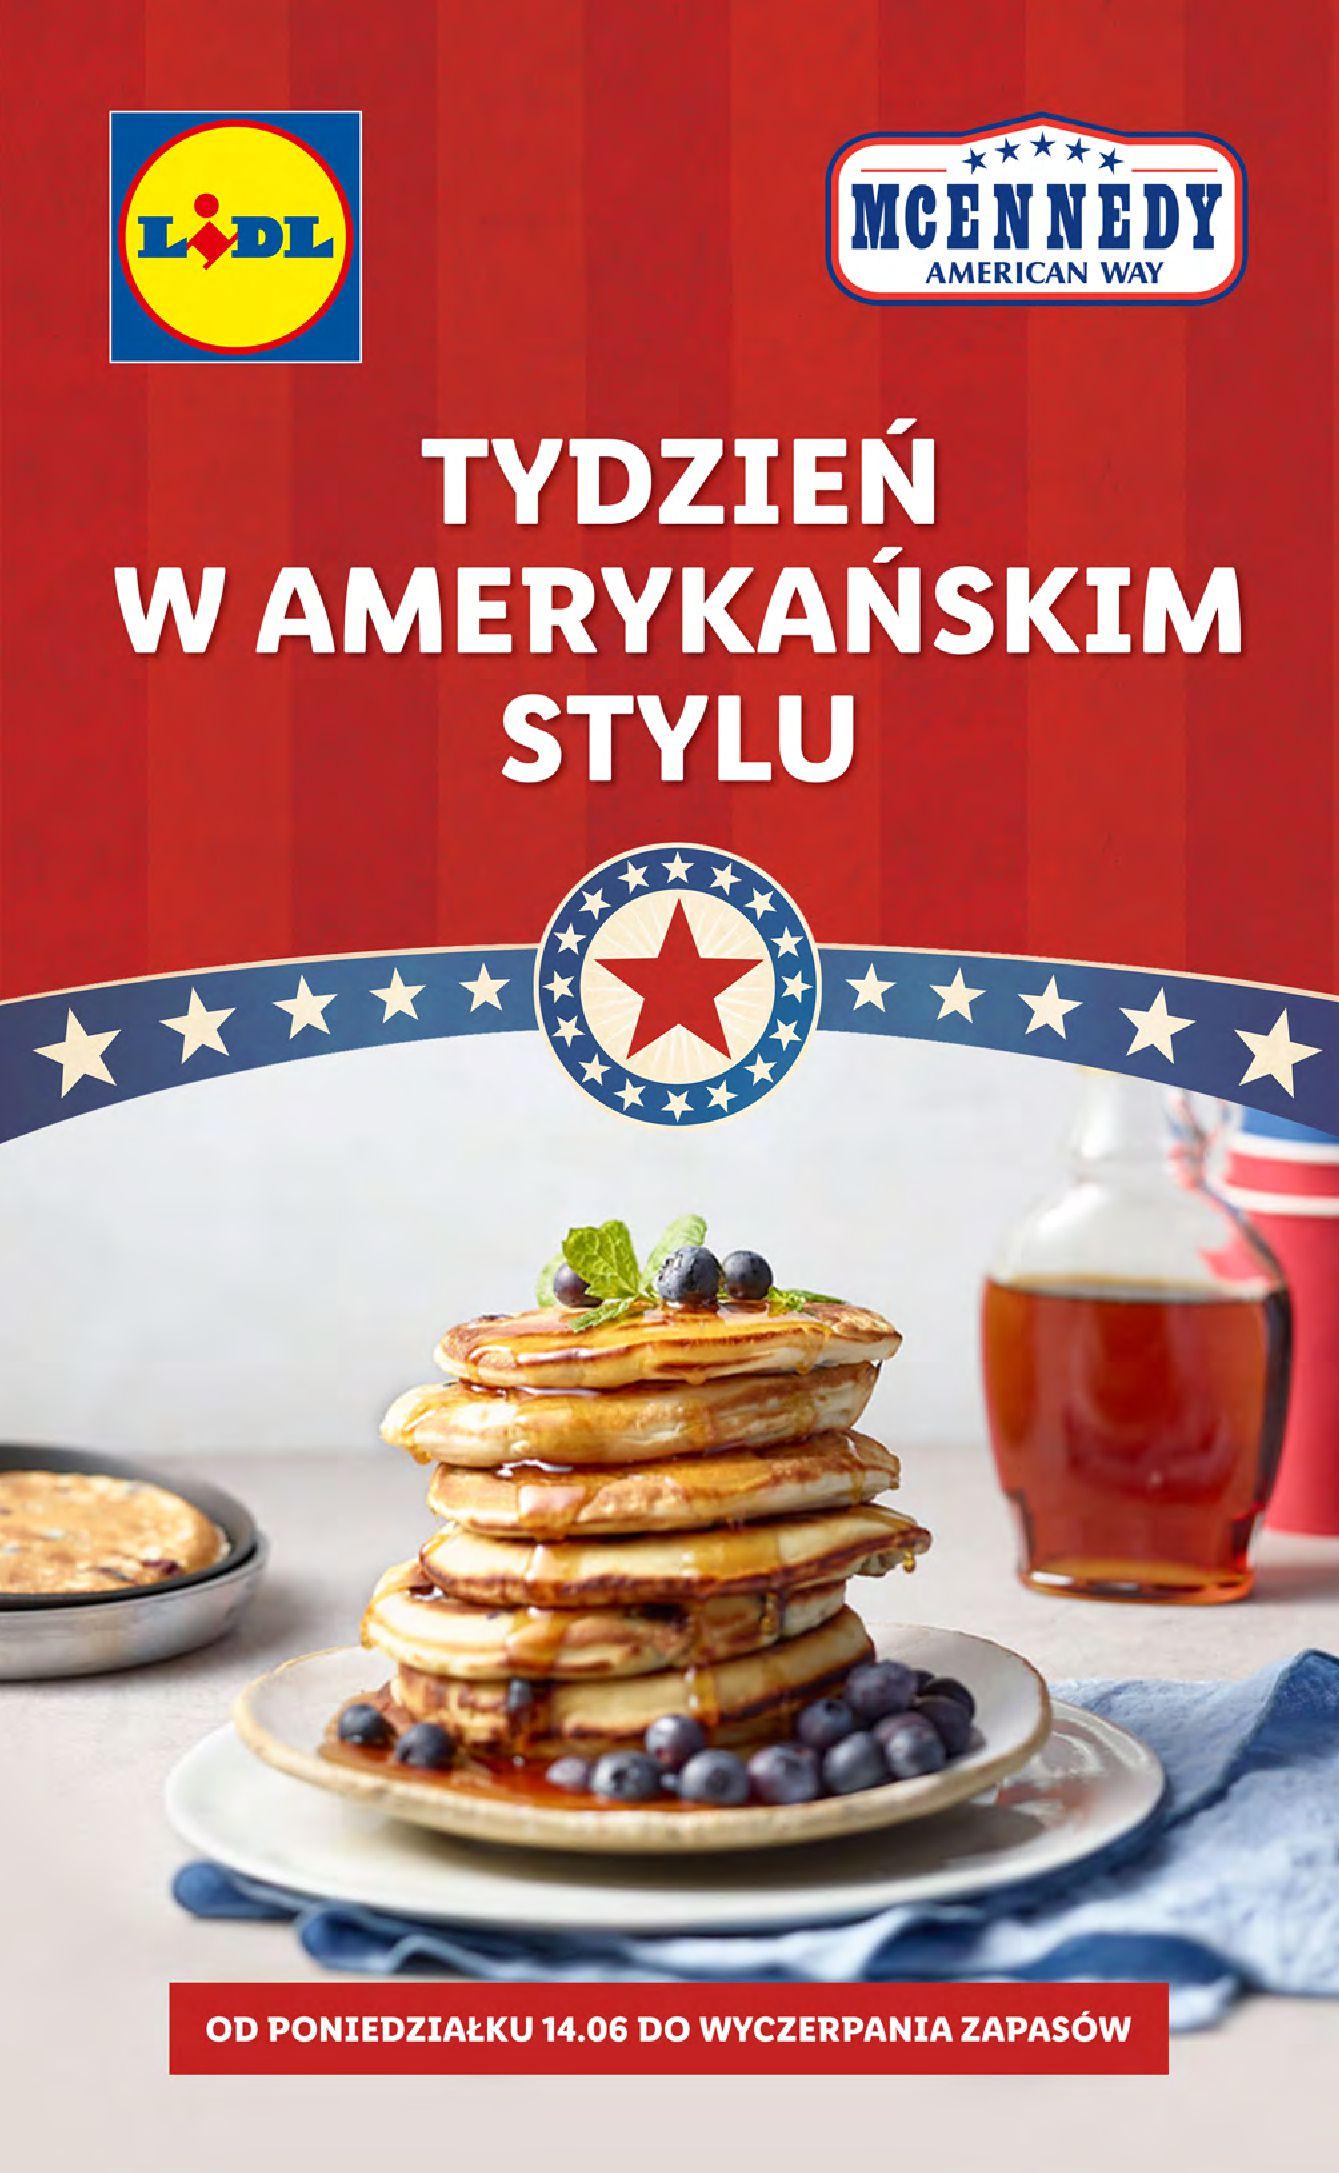 Gazetka Lidl: Gazetka Lidl - Tydzień w amerykańskim stylu - 13.06.2021